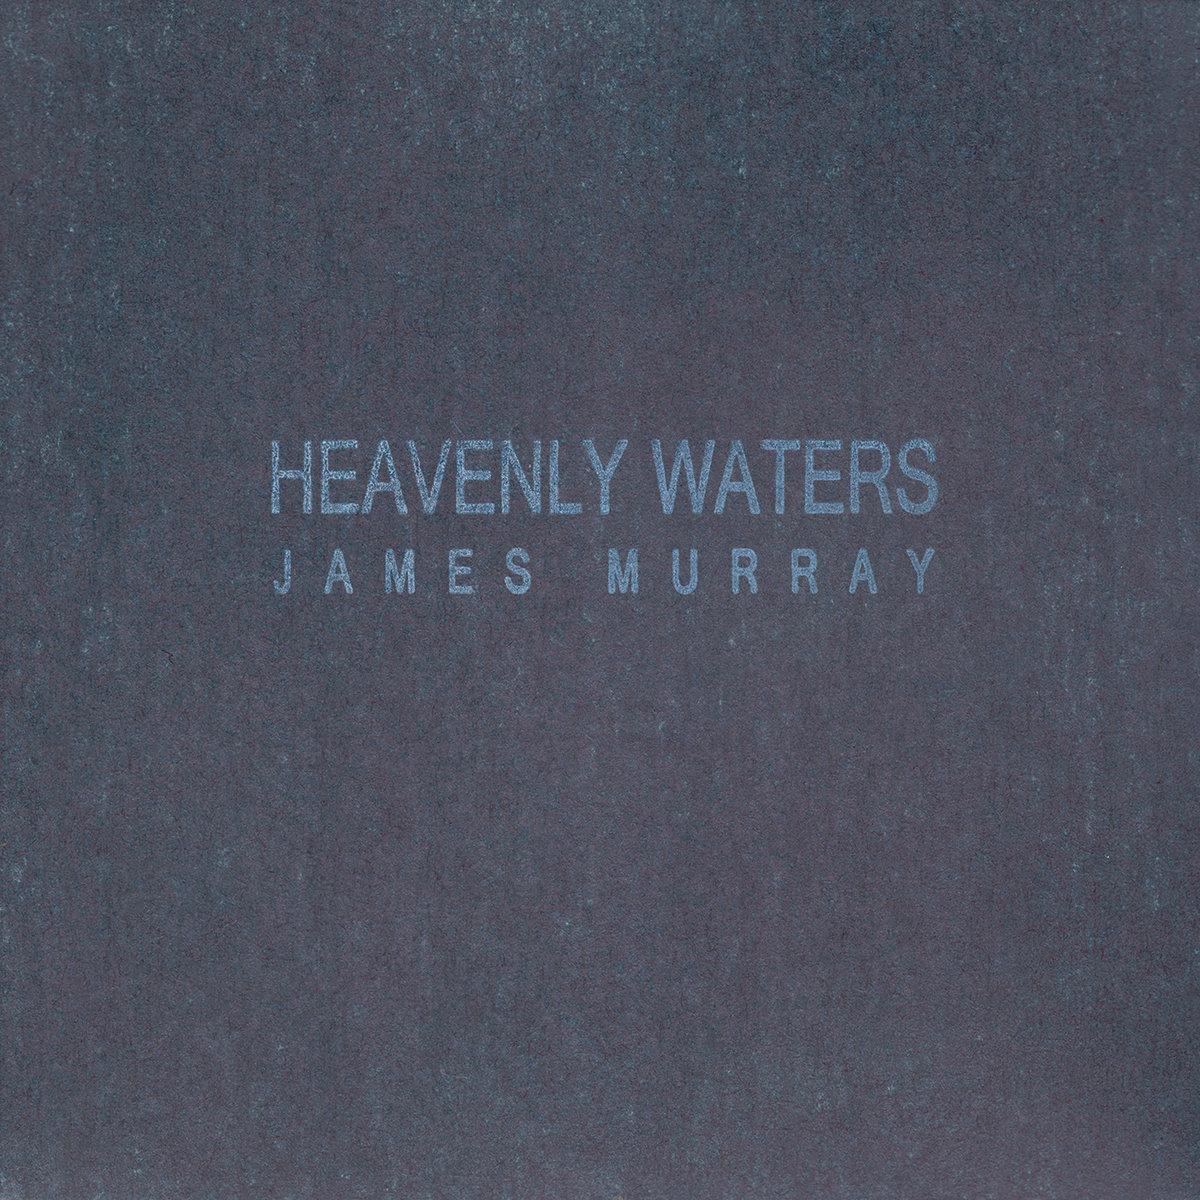 James Murray ~ HeavenlyWaters